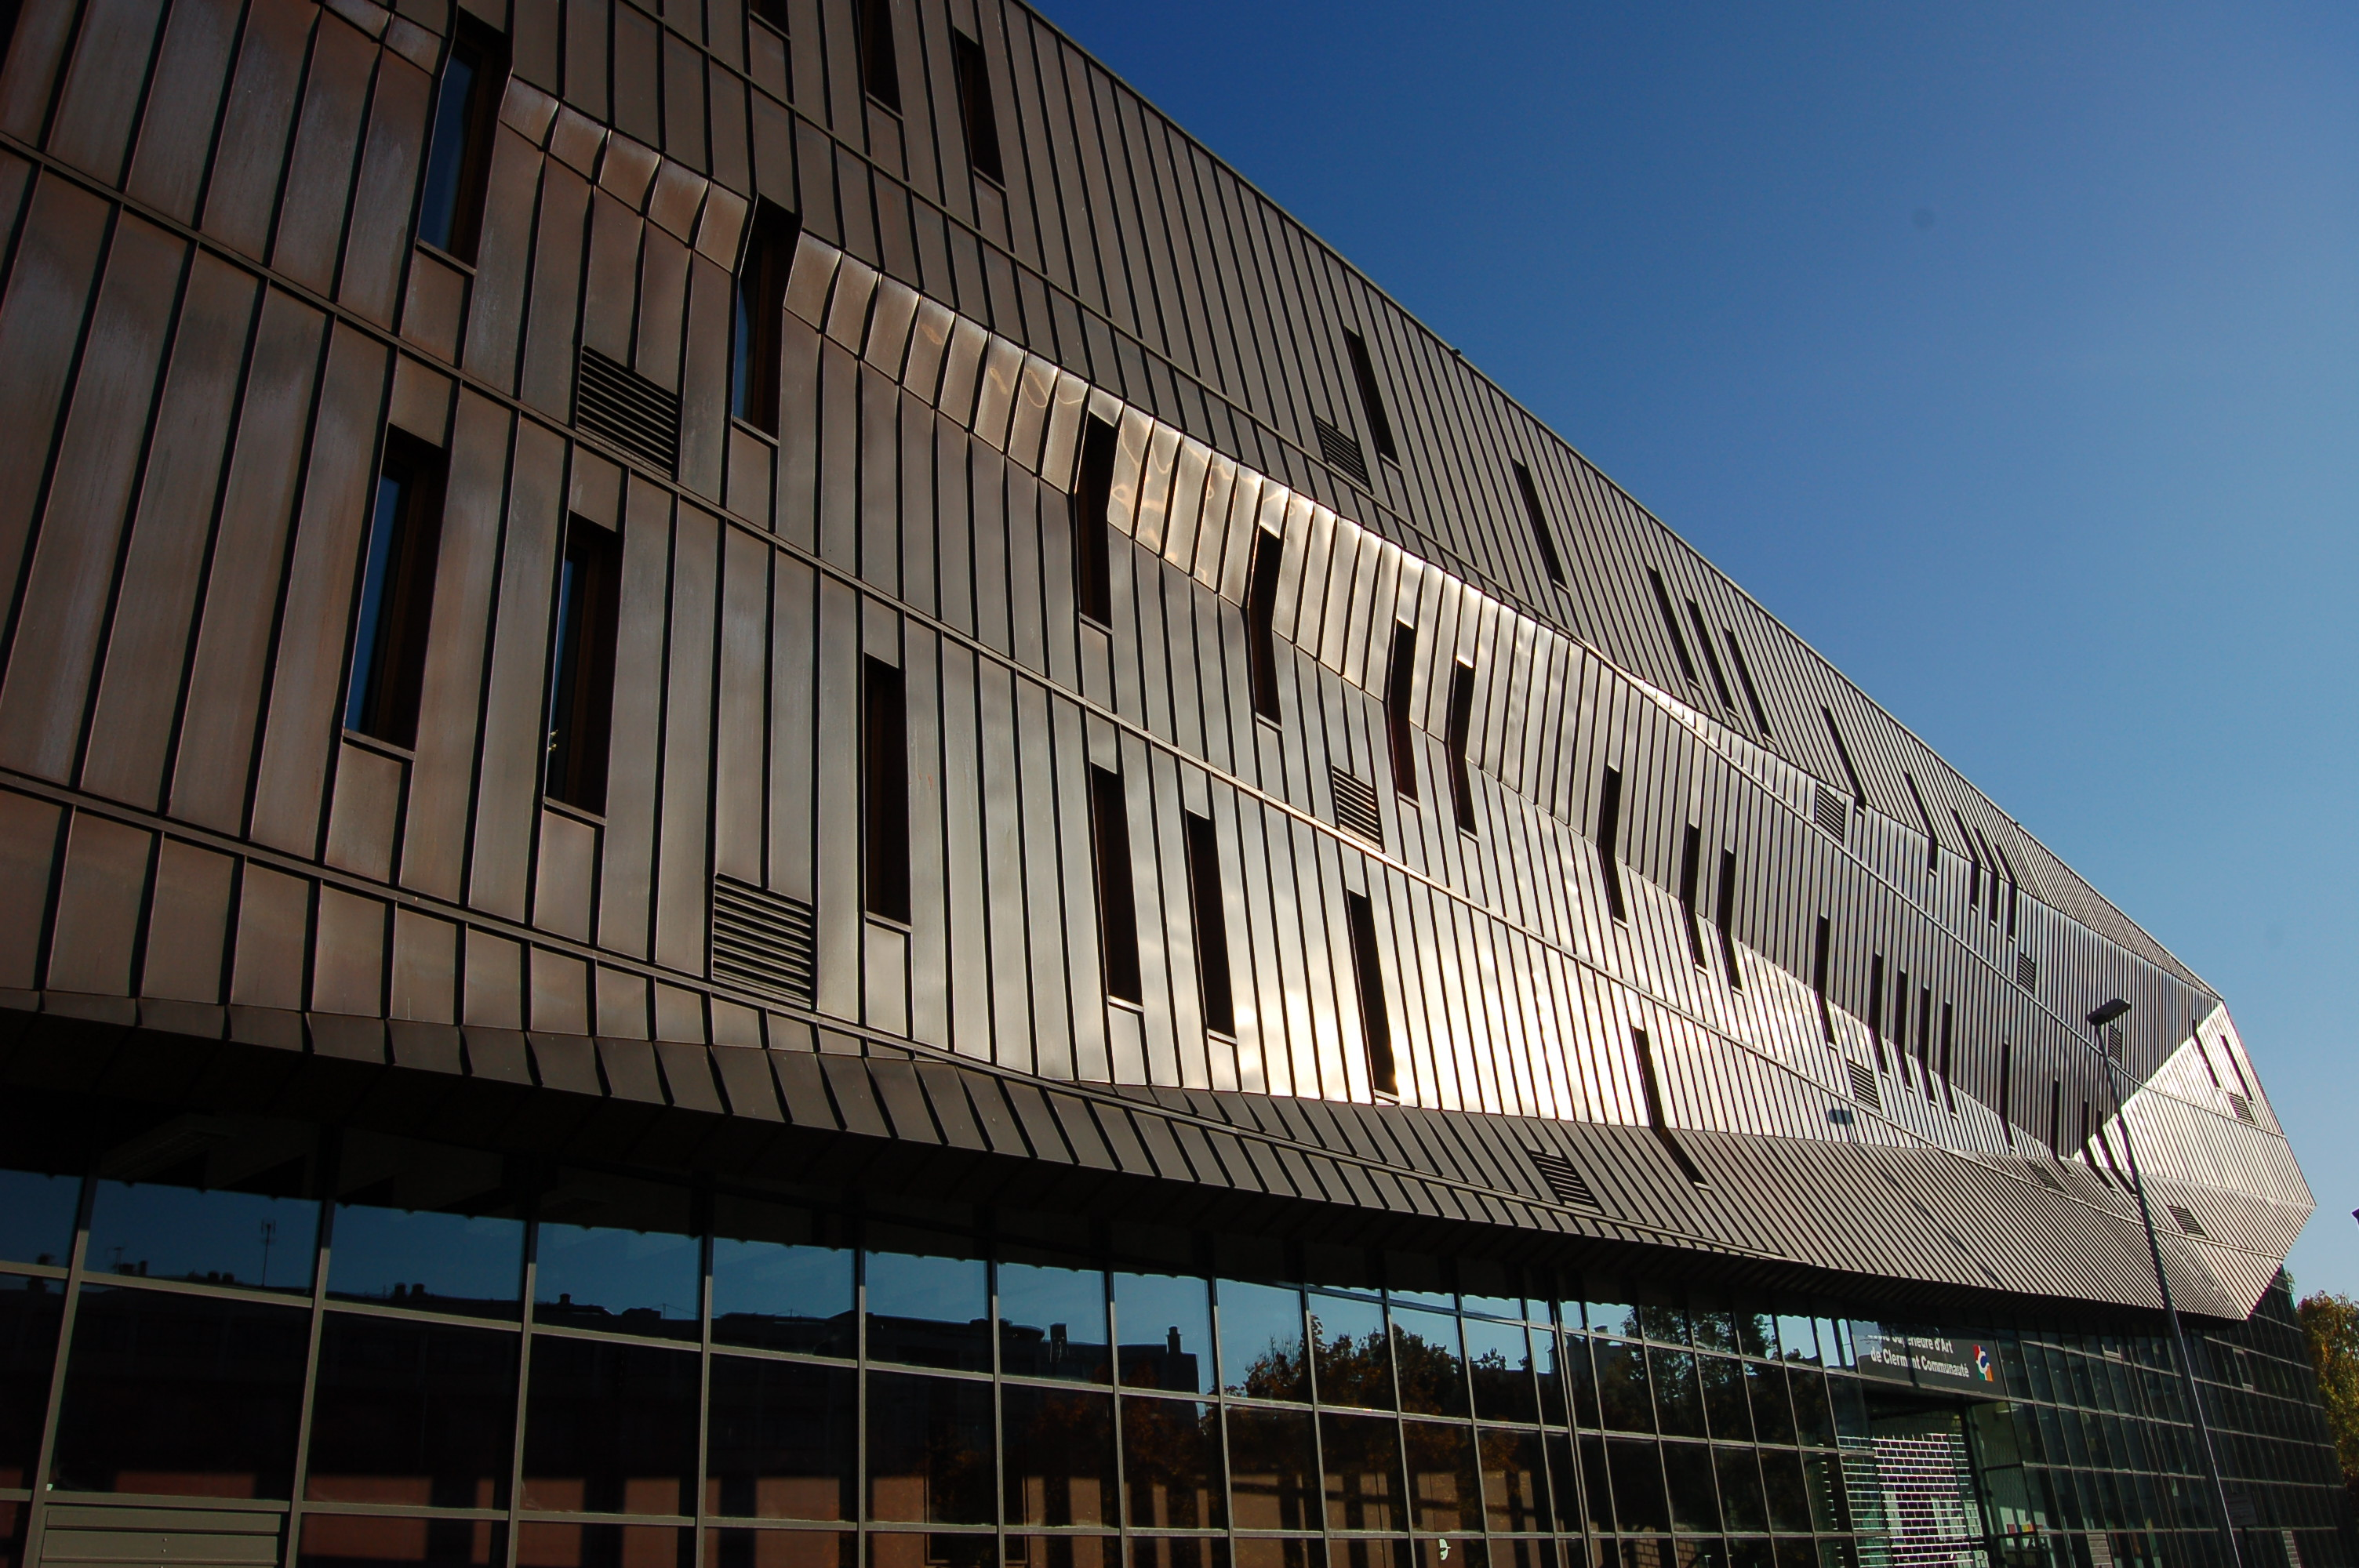 École D Architecture Clermont file:ecole superieure d art clermont co 3 - wikimedia